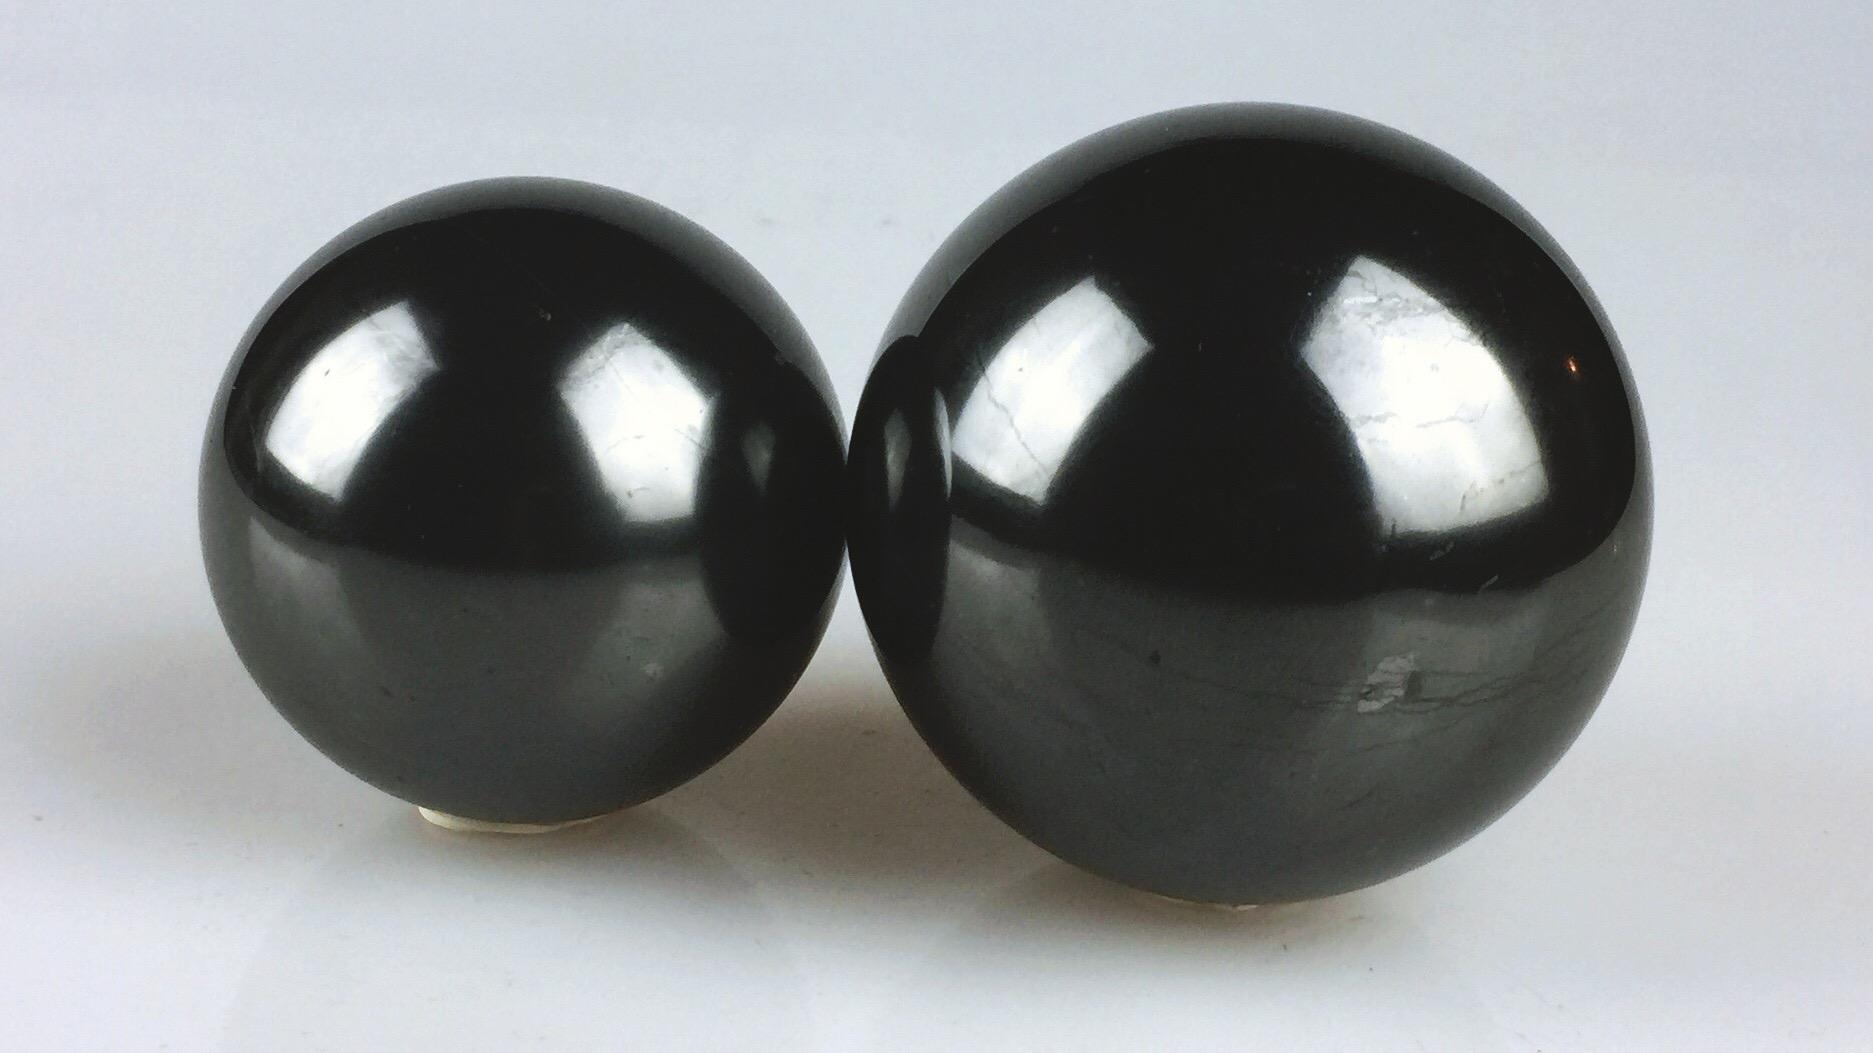 Shungite balls